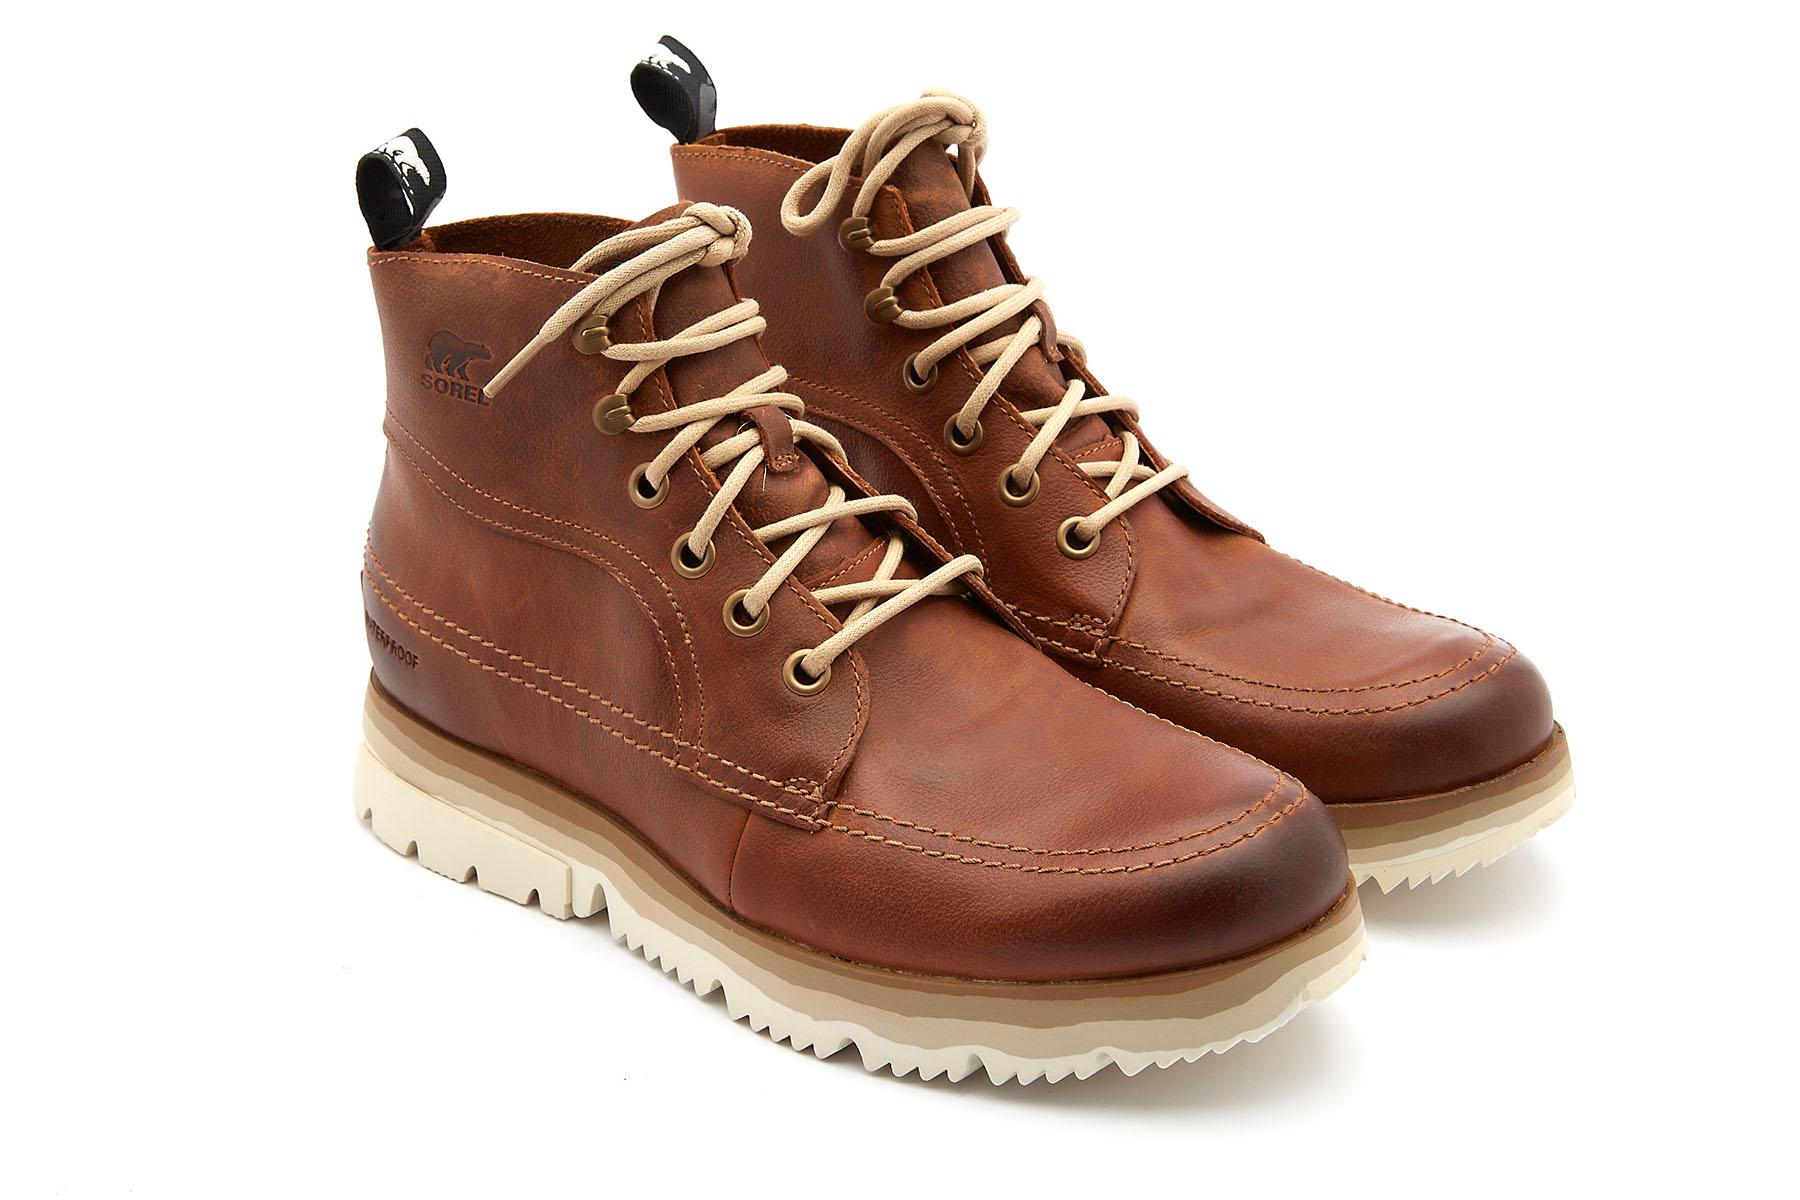 Men's Lace Up Ankle Boots SOREL Atlis